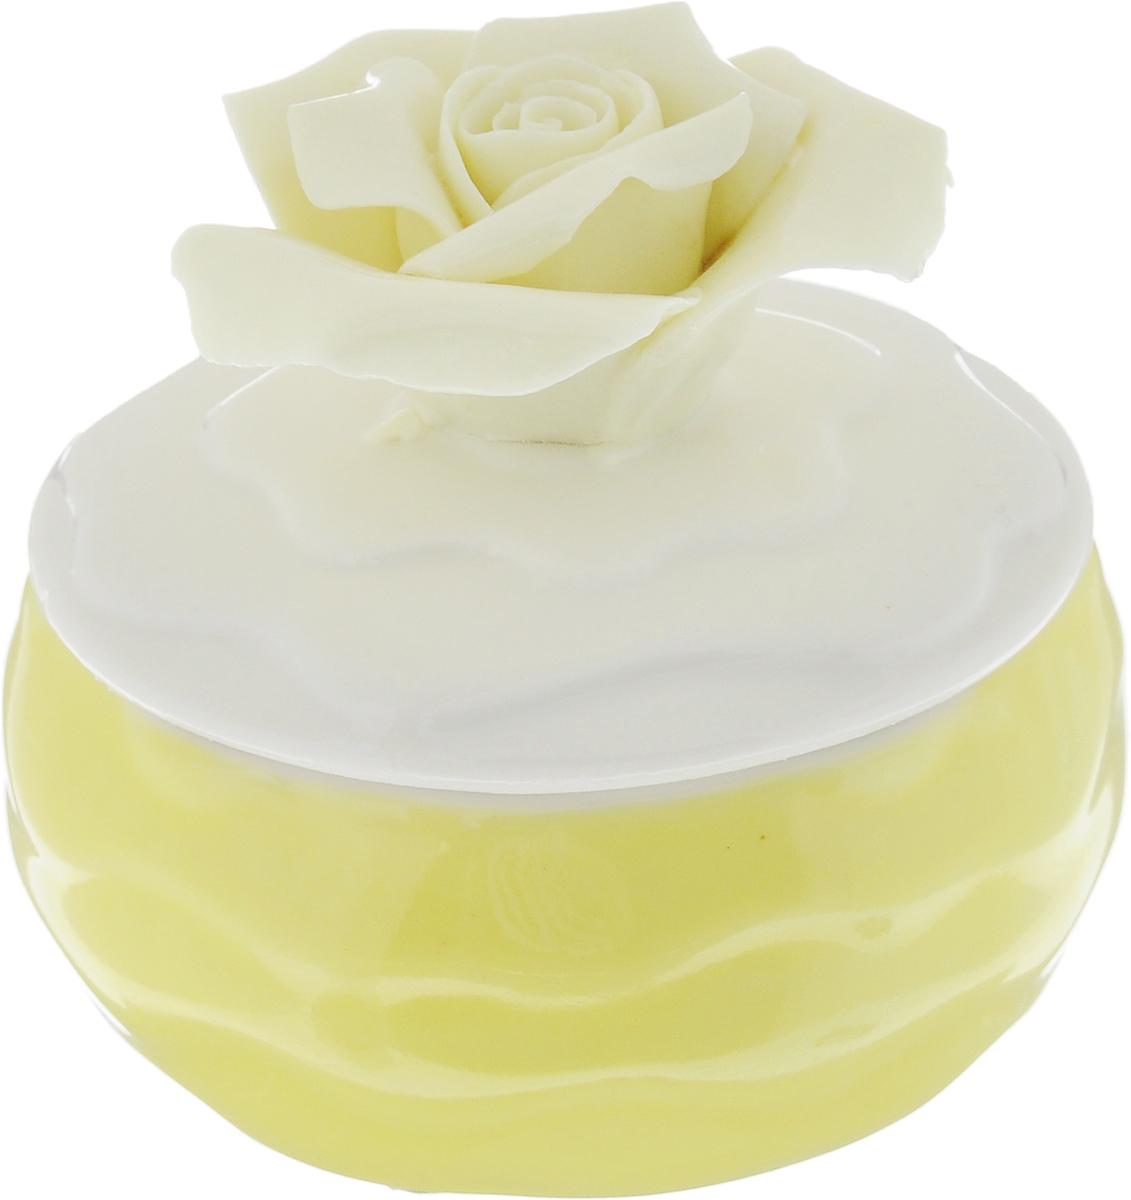 Шкатулка для украшений Феникс-Презент, цвет: желтый, белый, ванильный, 6 х 6 х 6 см43838Шкатулка Феникс-Презент предназначена для хранения украшений. Изделие изготовлено из фарфора. Крышка шкатулки украшена розой. Вы можете поставить шкатулку в любом месте, где она будет удачно смотреться и радовать глаз. Кроме того - это отличный вариант подарка для ваших близких и друзей. Размер шкатулки: 6 х 6 х 6 см.